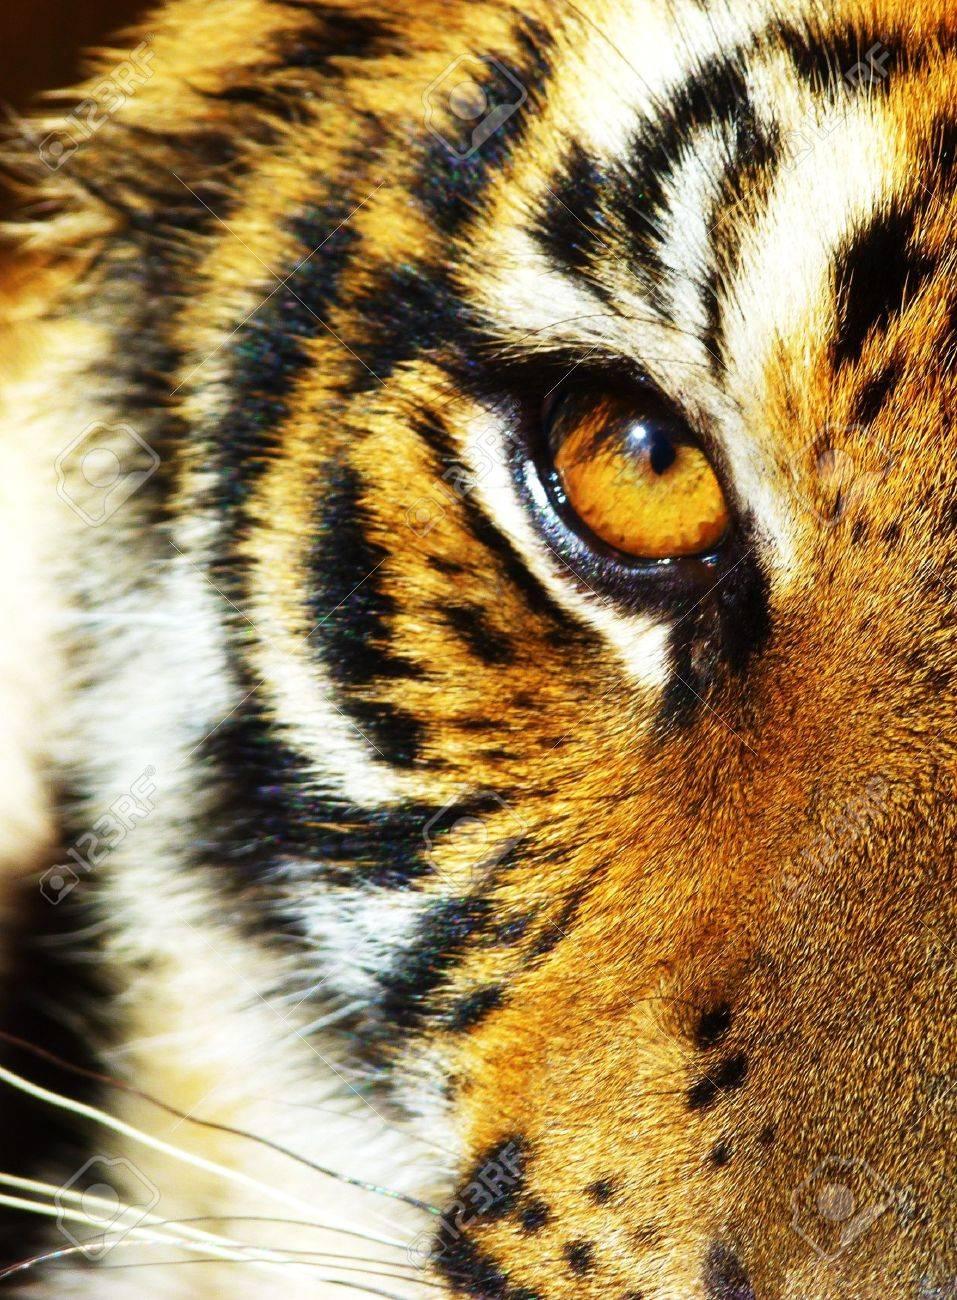 Jungle Tiger - 17872314